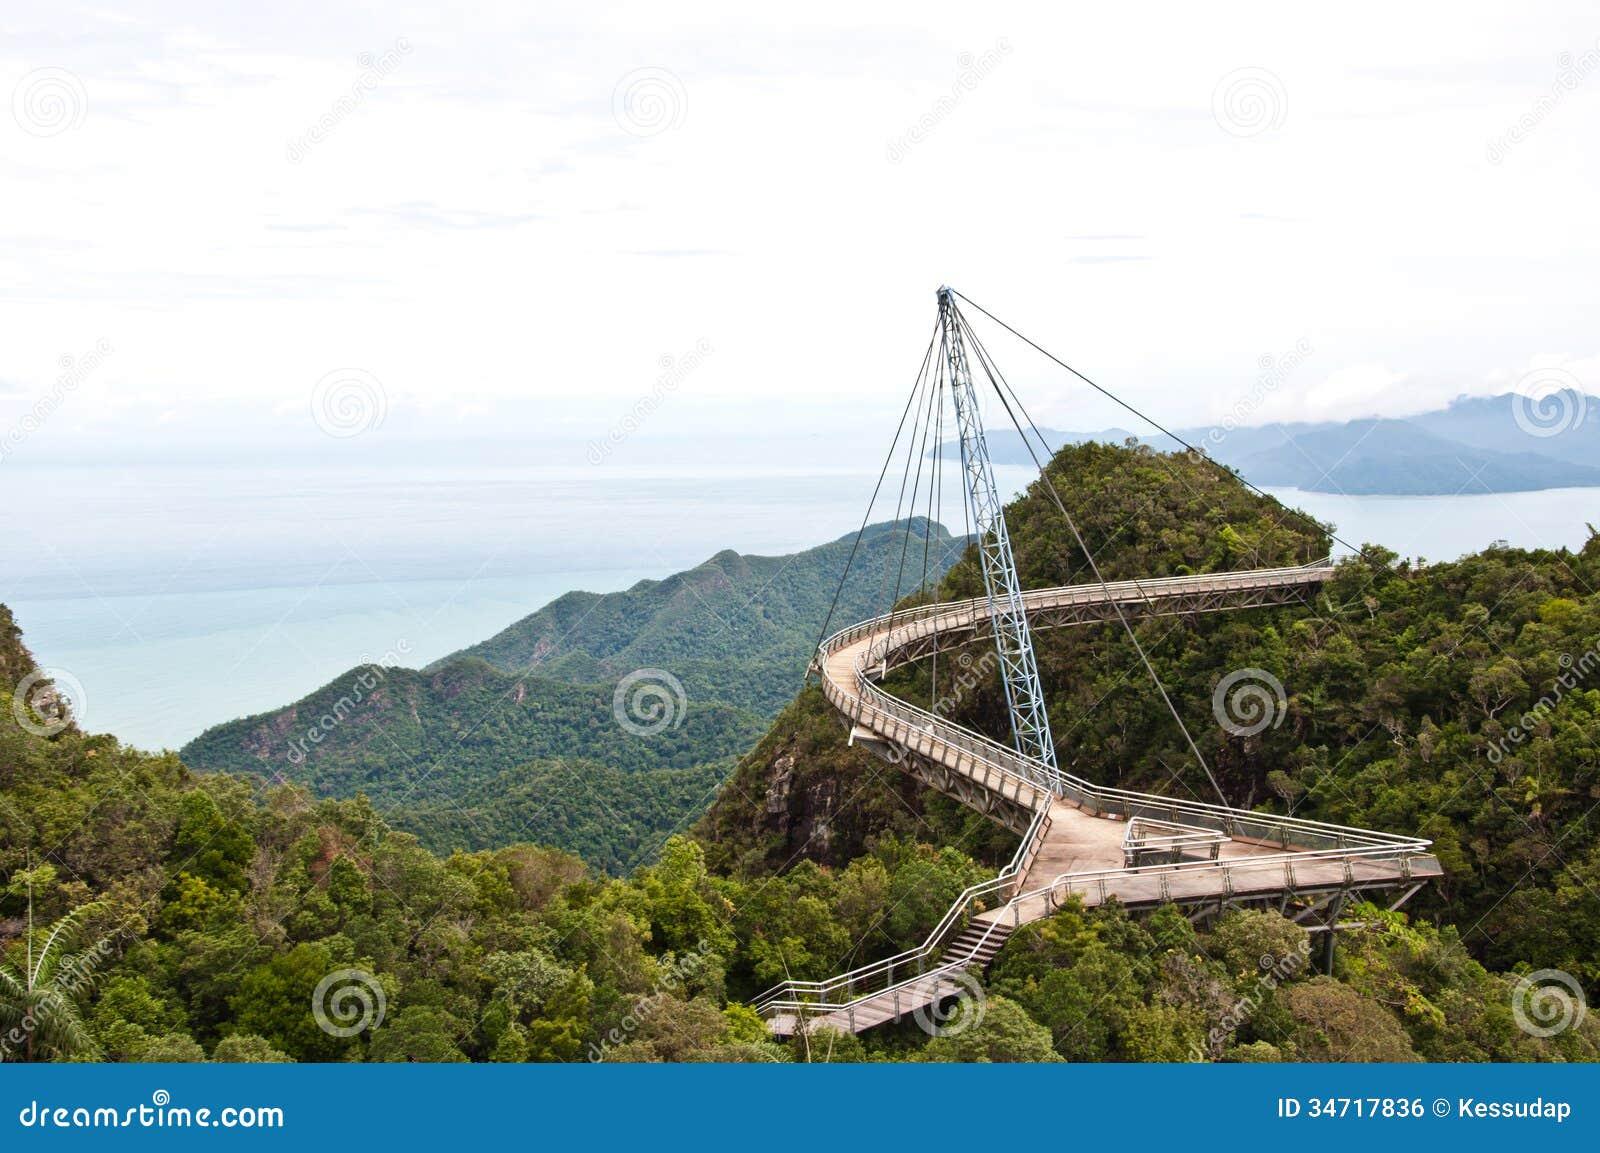 The Langkawi Sky Bridge In Langkawi Island Royalty Free